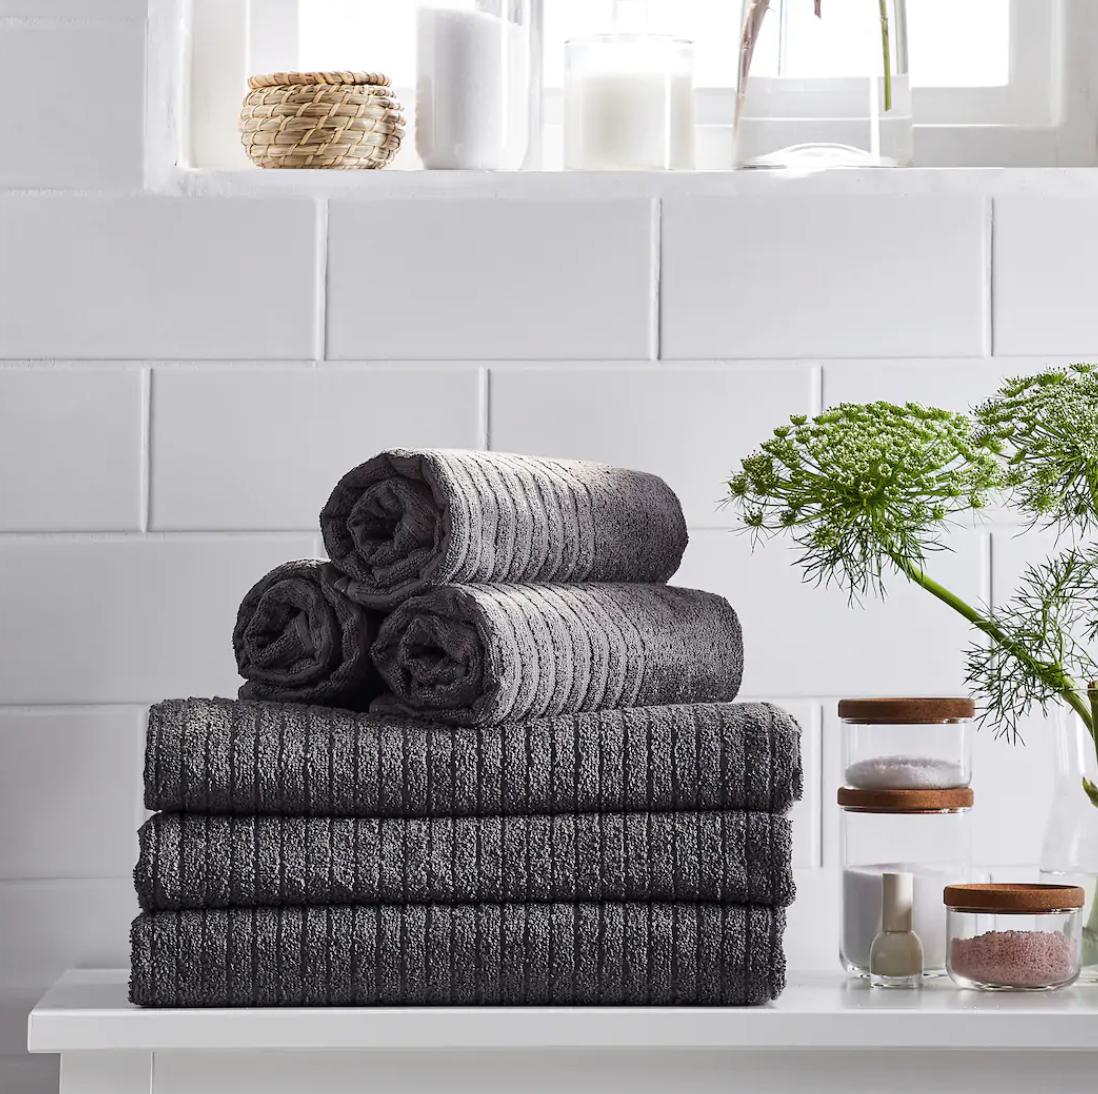 towels.png